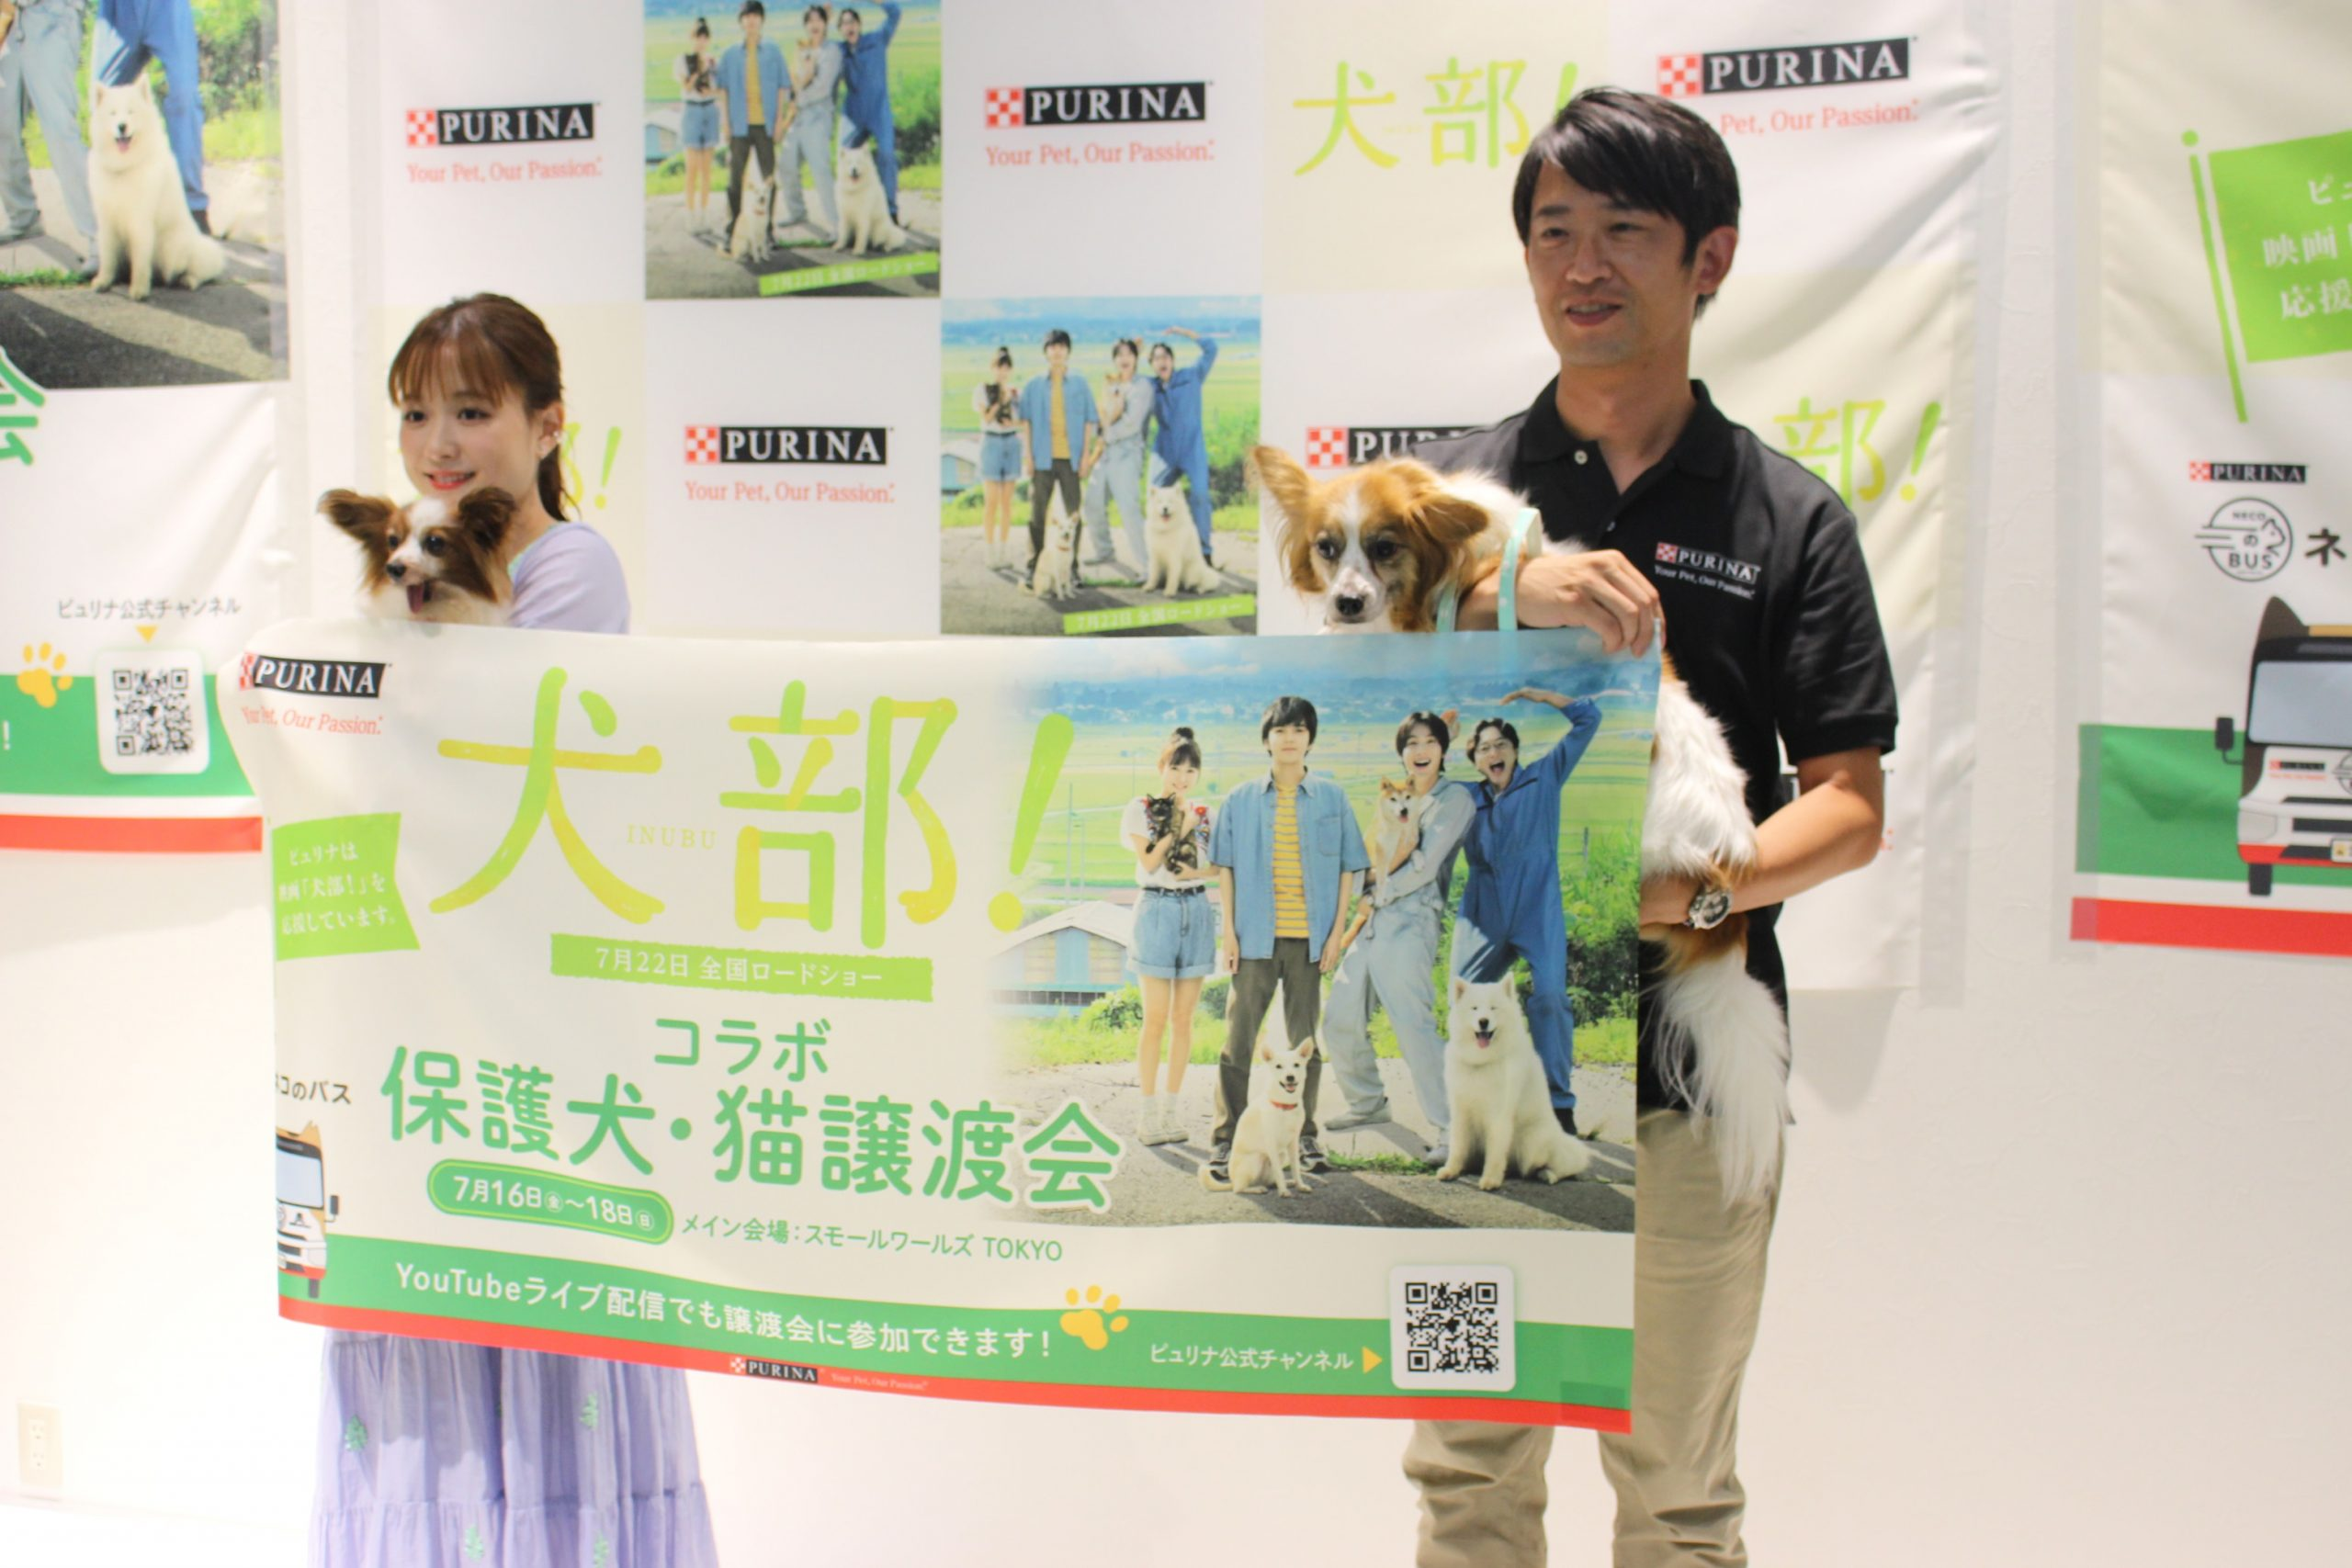 ネスレ ピュリナ ペットケアと映画『犬部!』のコラボ企画<br> 大原櫻子が保護犬・猫の譲渡会を体験レポ―ト!<br>映画『犬部!』の見どころ・動物保護の大切さを語る